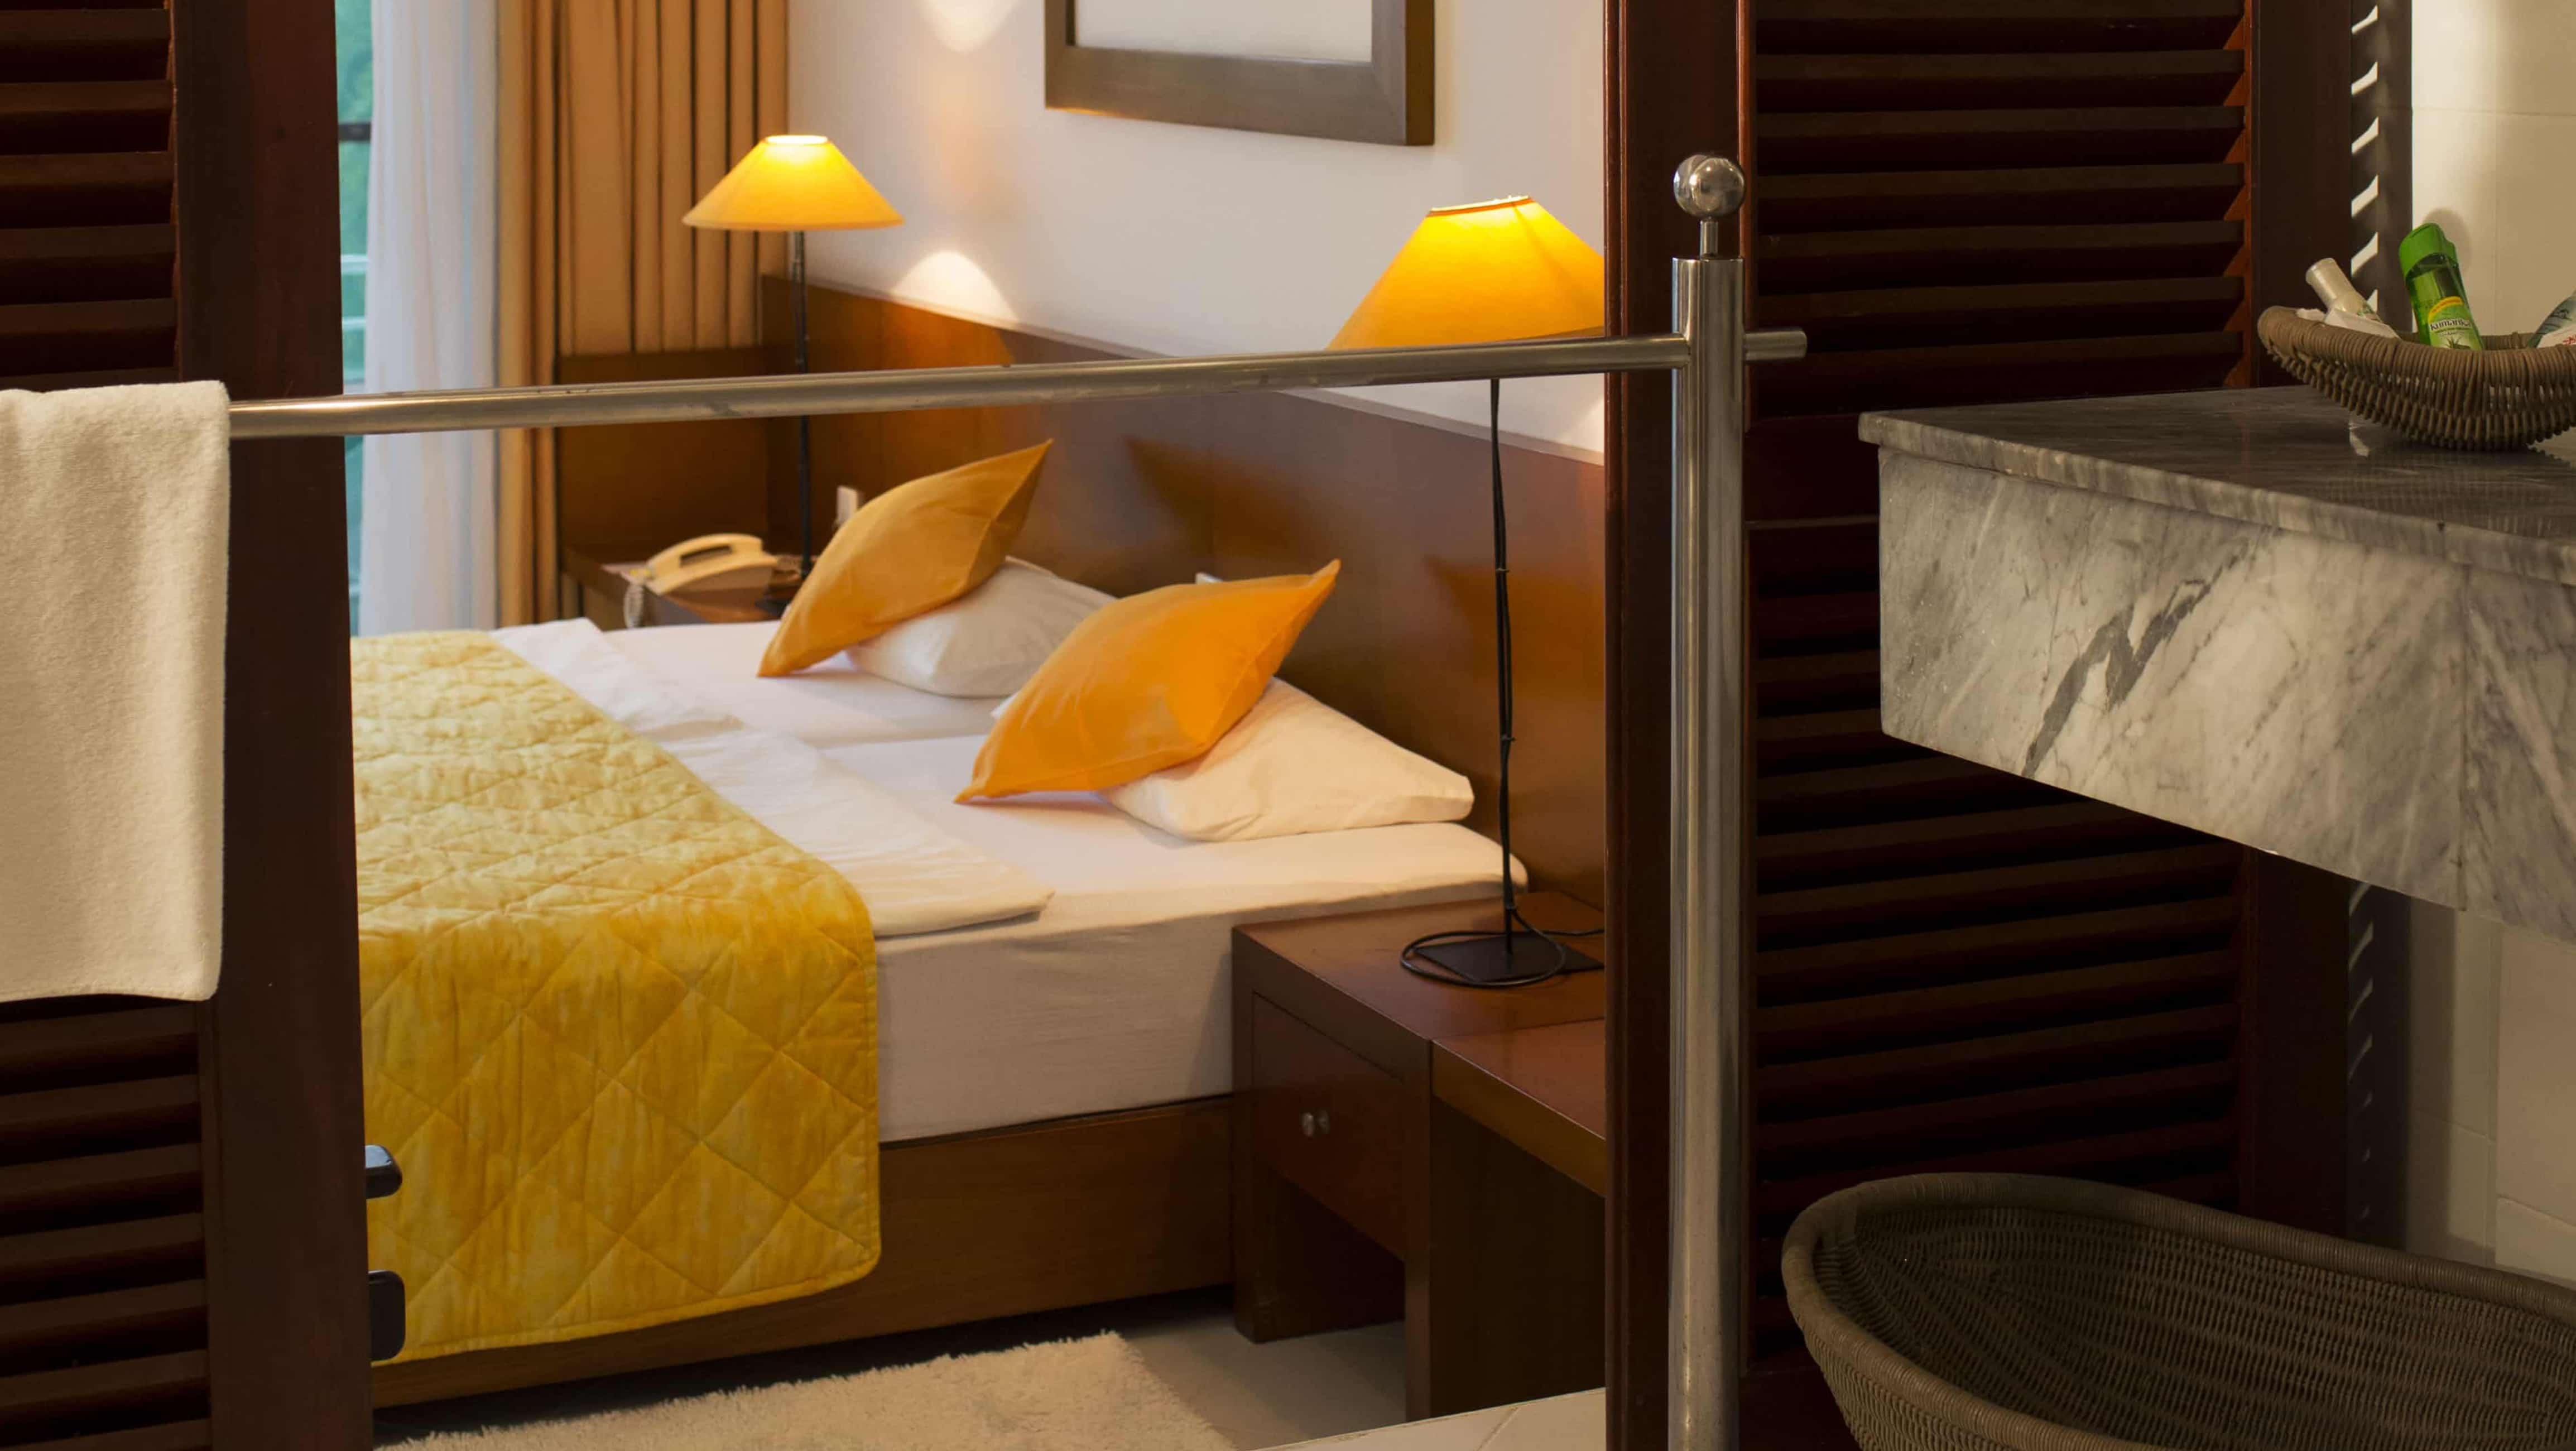 Comfort Plus Zimmer im Ayurveda Hotel Lanka Princess, unter deutscher Leitung in Sri Lanka